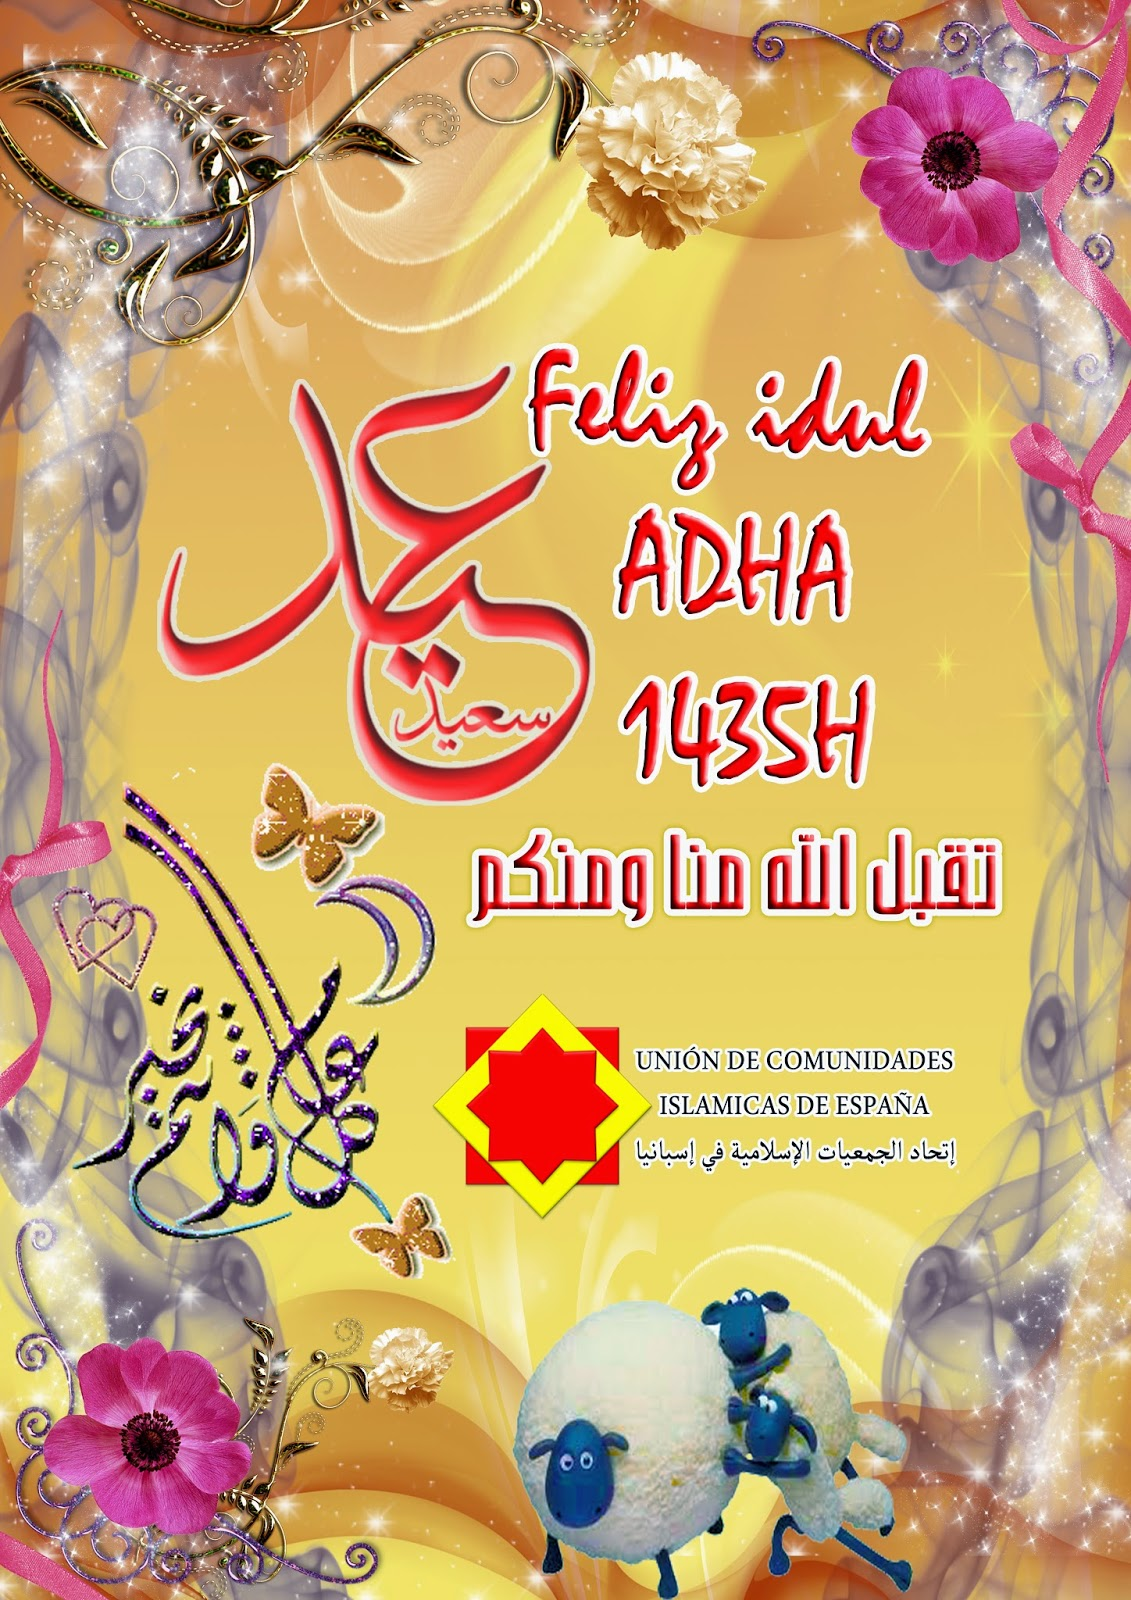 El sábado 4 de octubre, es el primer día de Idu Al-Adha de 1435/2014